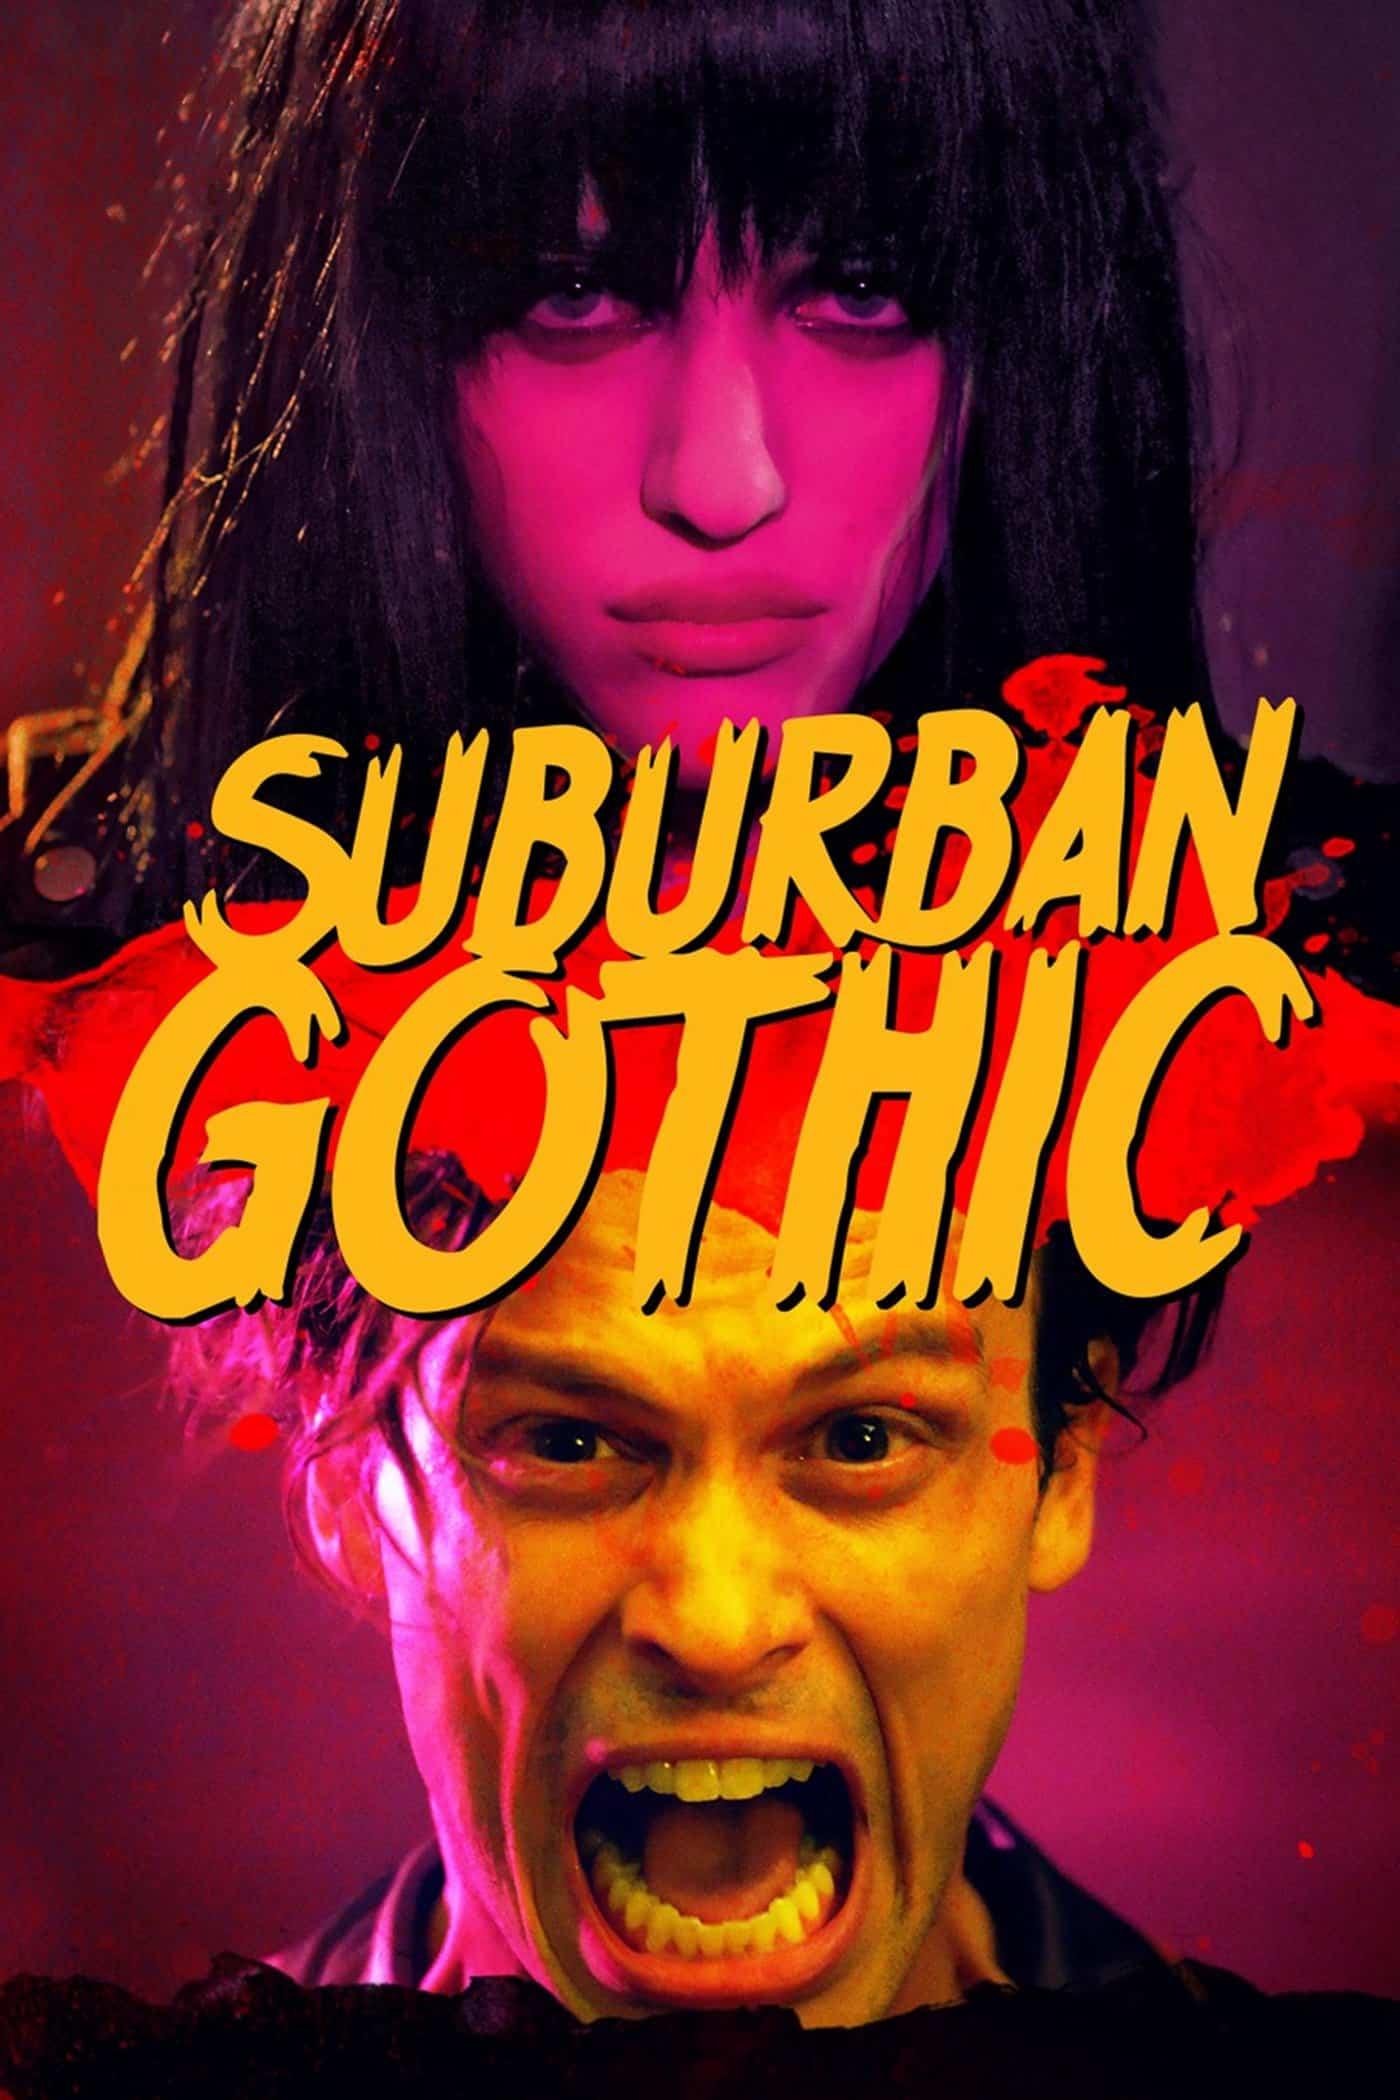 Suburban Gothic, 2014